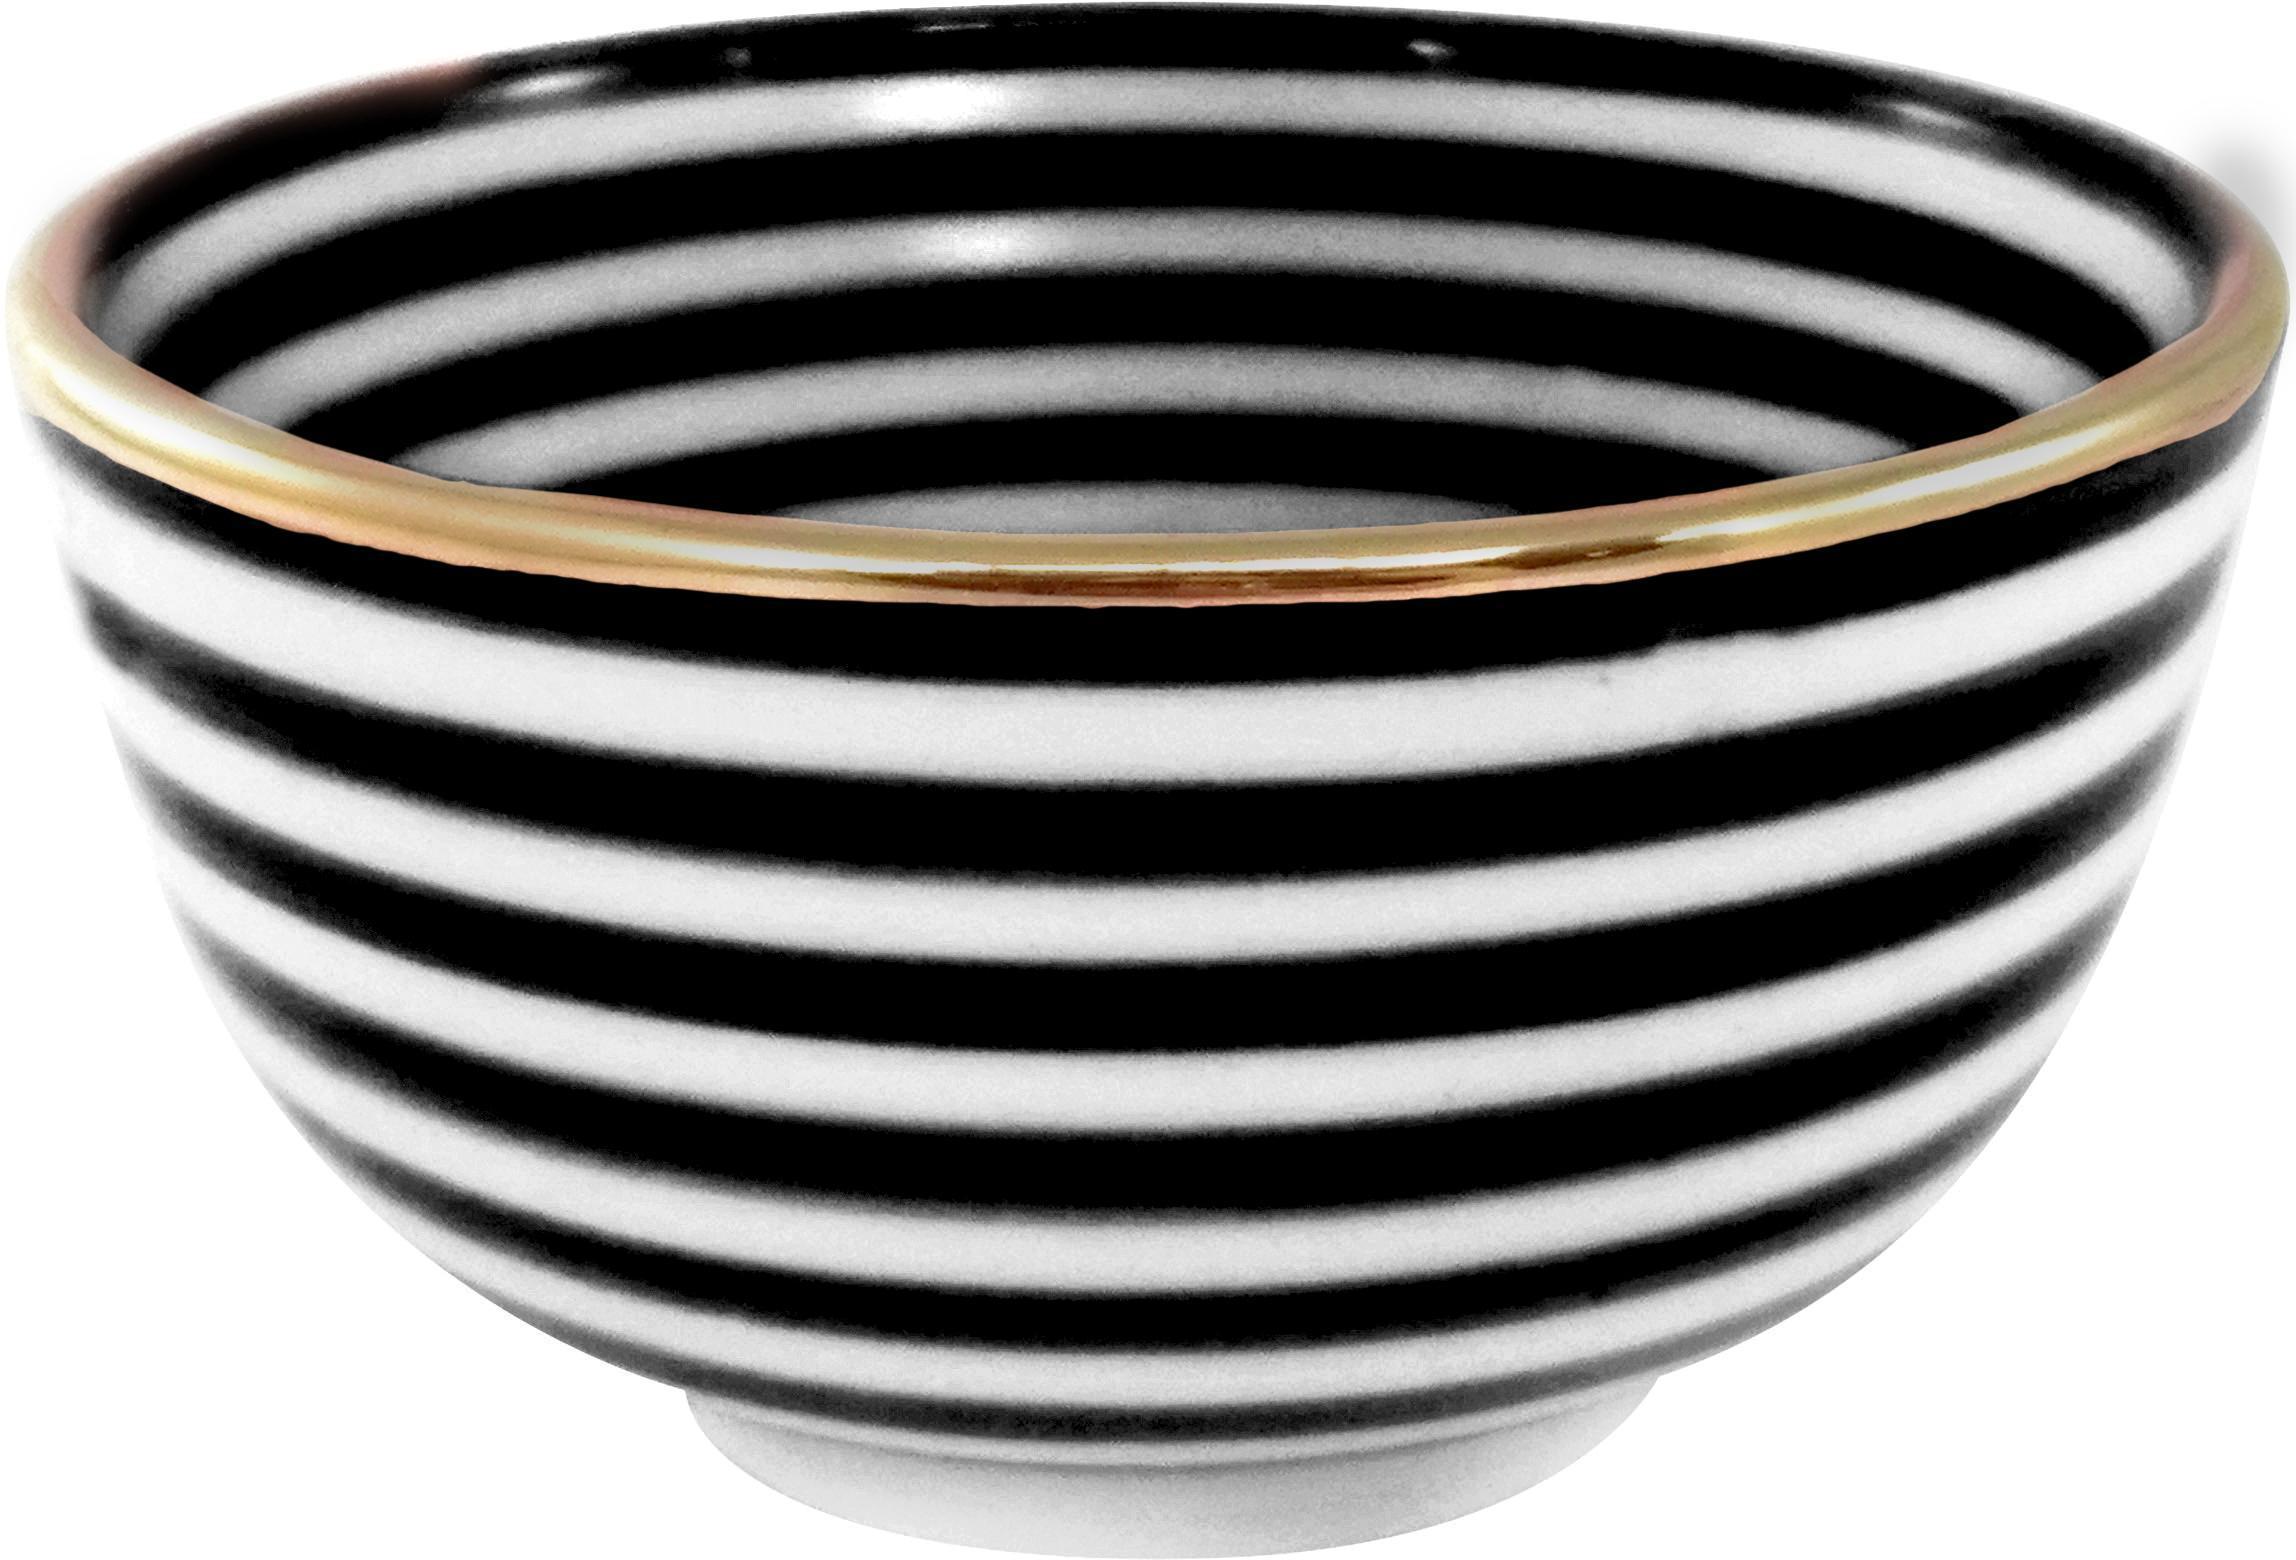 Handgemachtes Schälchen Moyen mit Goldrand, Keramik, Schwarz, Cremefarben, Gold, Ø 15 x H 9 cm